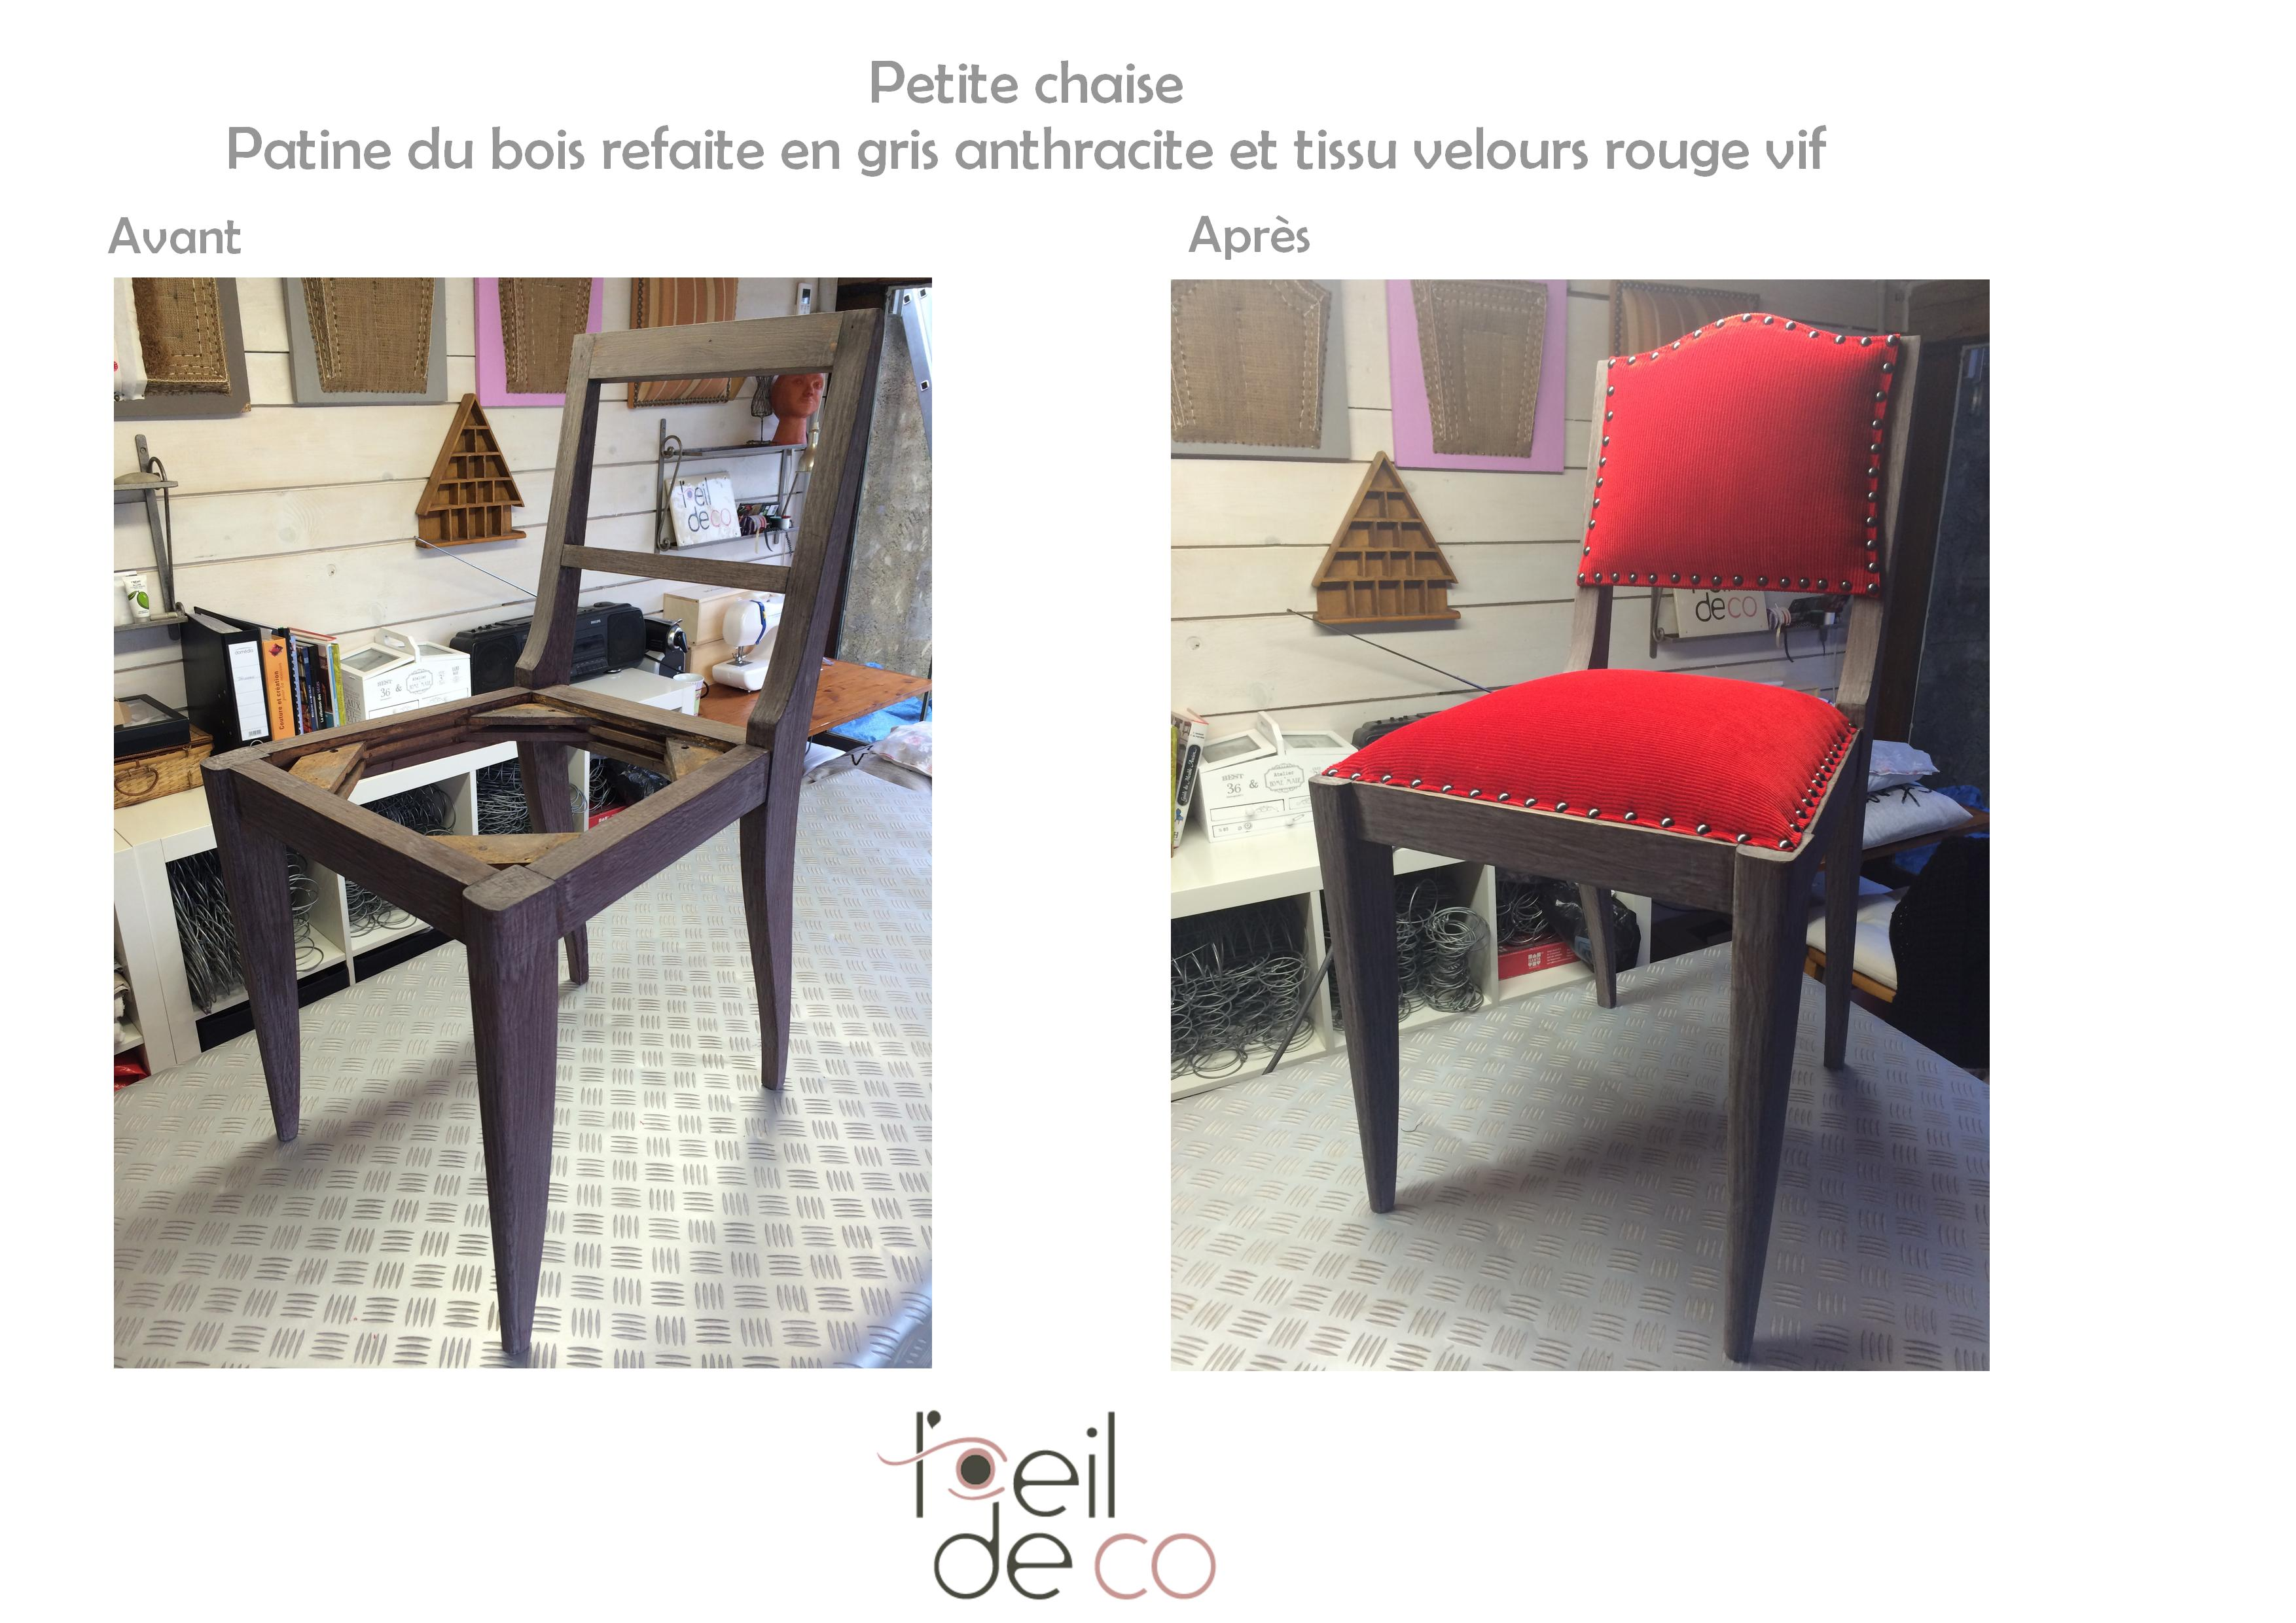 chaise_roue_anne_weber